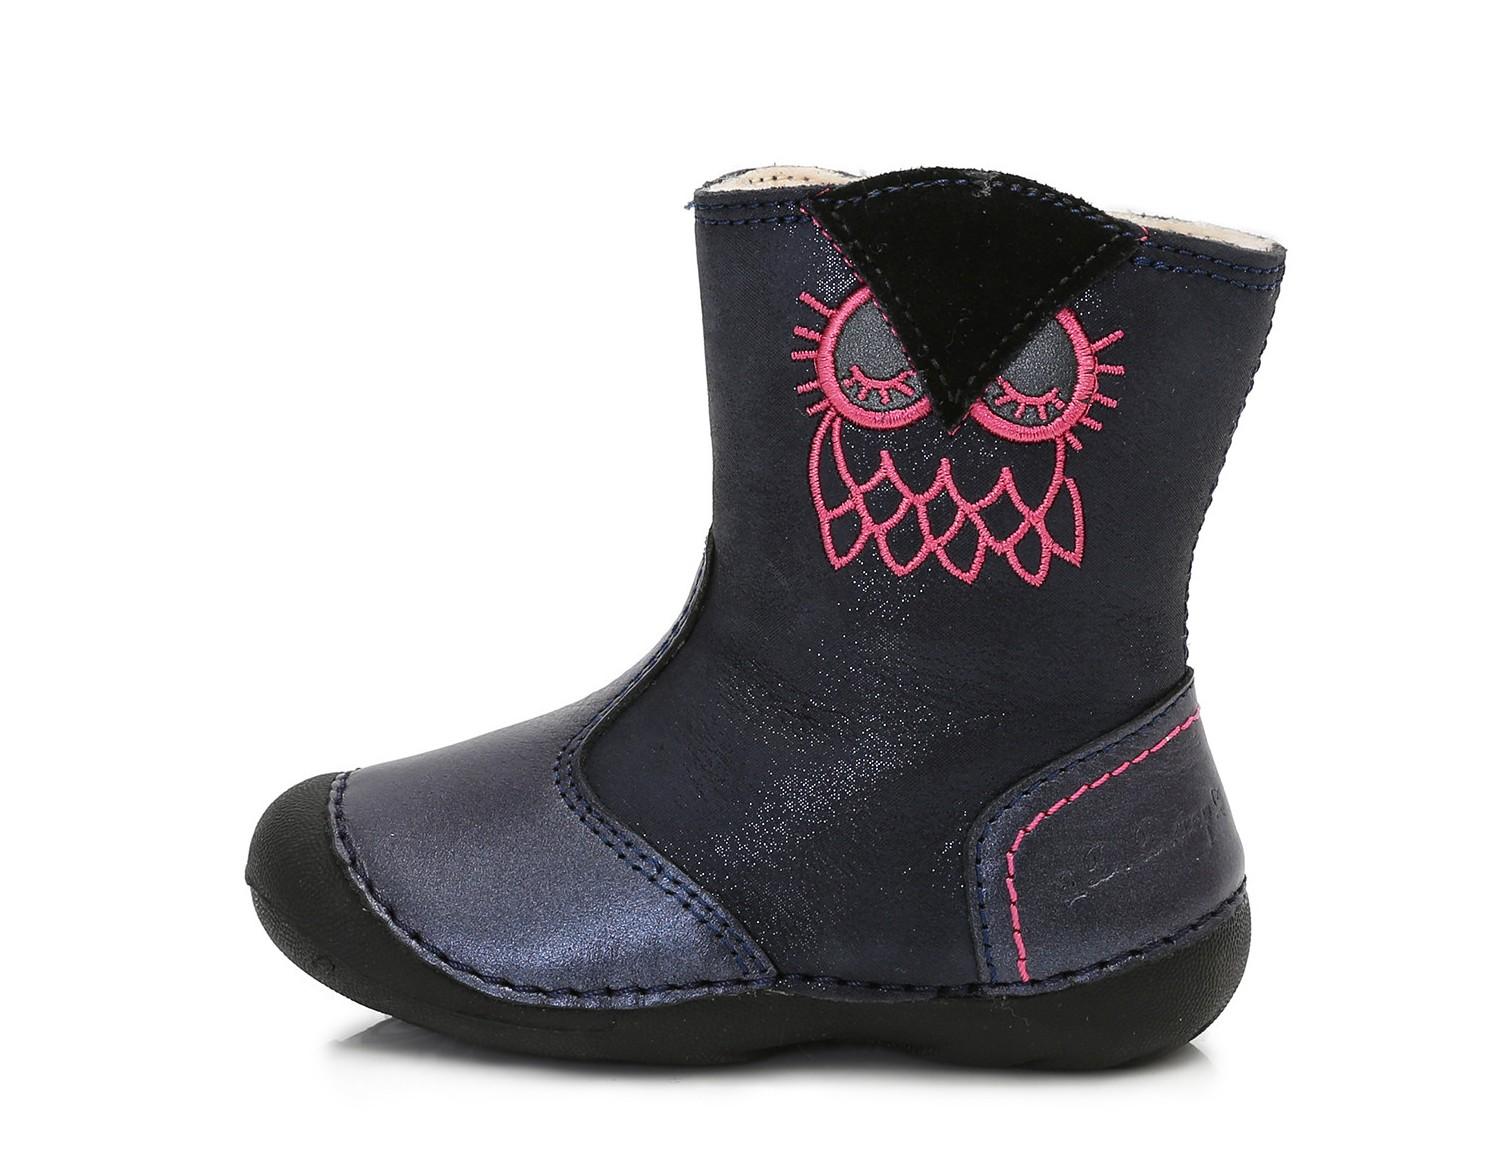 Dětské zimní boty D.D.STEP 015-160 modré se sovičkou vel.21 empty a098a885a6